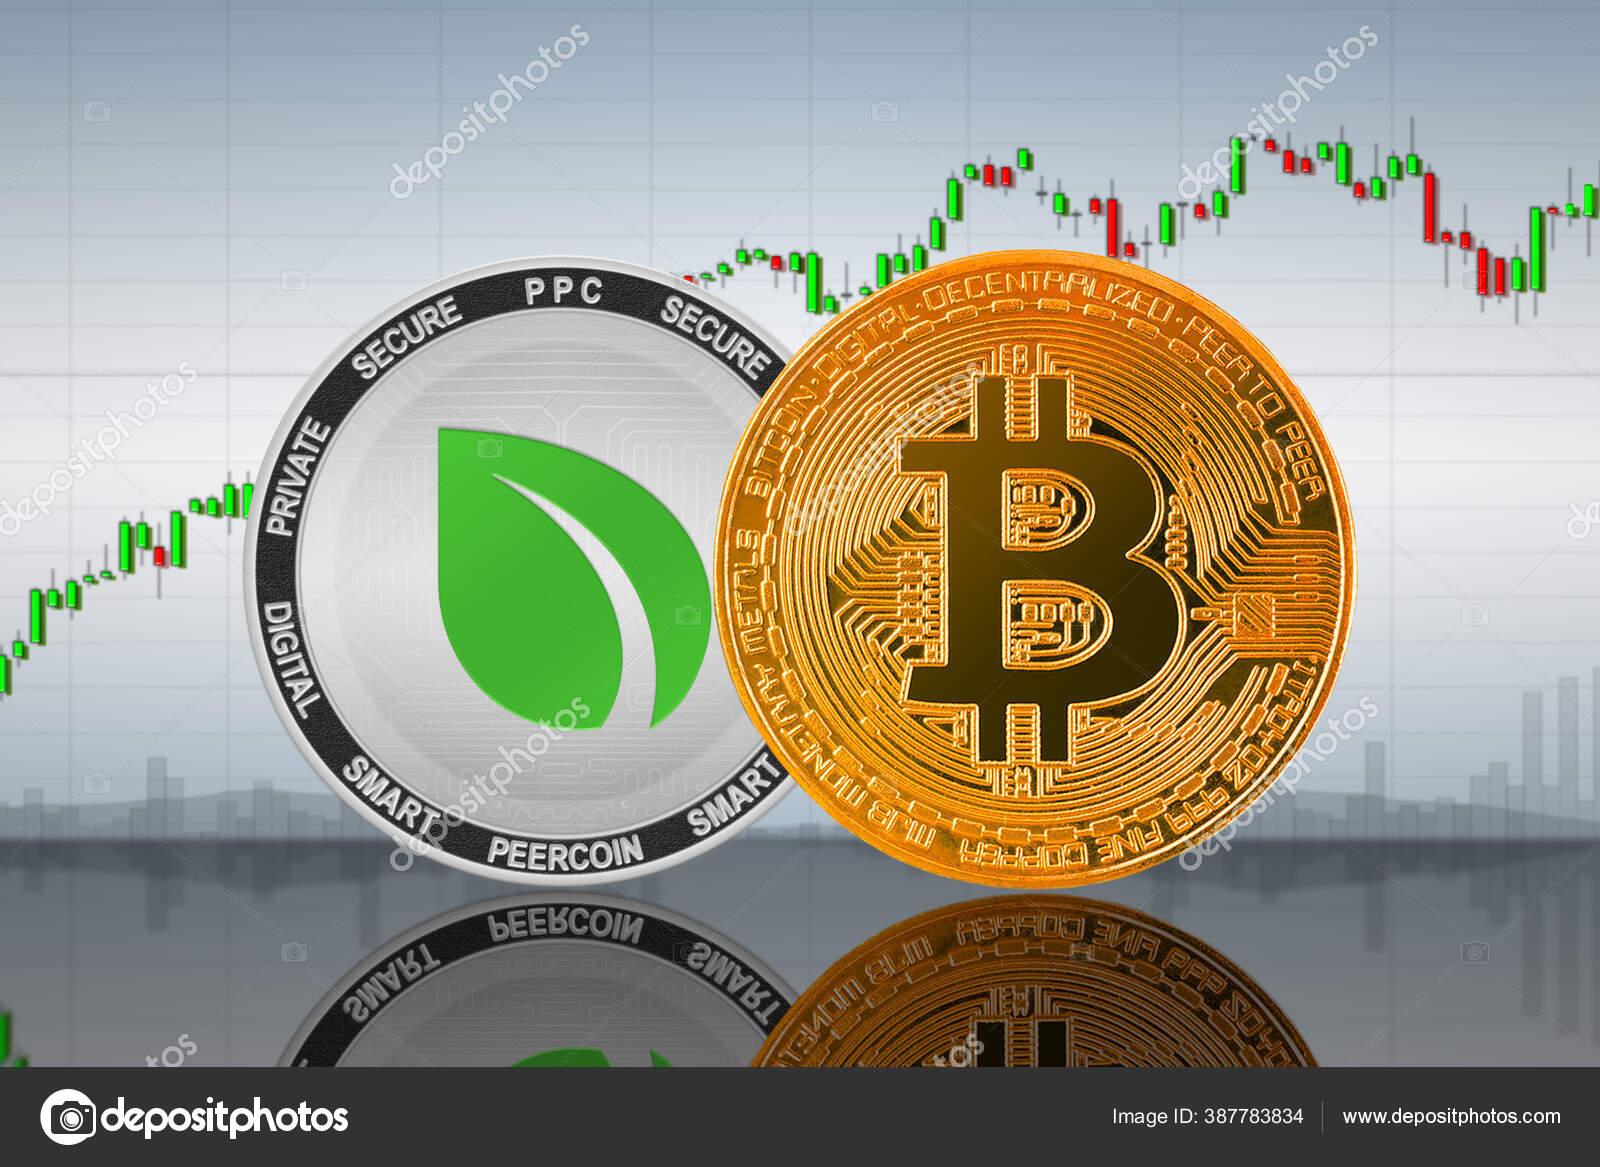 Bitcoin (BTC) ir Peercoin (PPC) Valiutos kursas konversijos skaičiuoklė